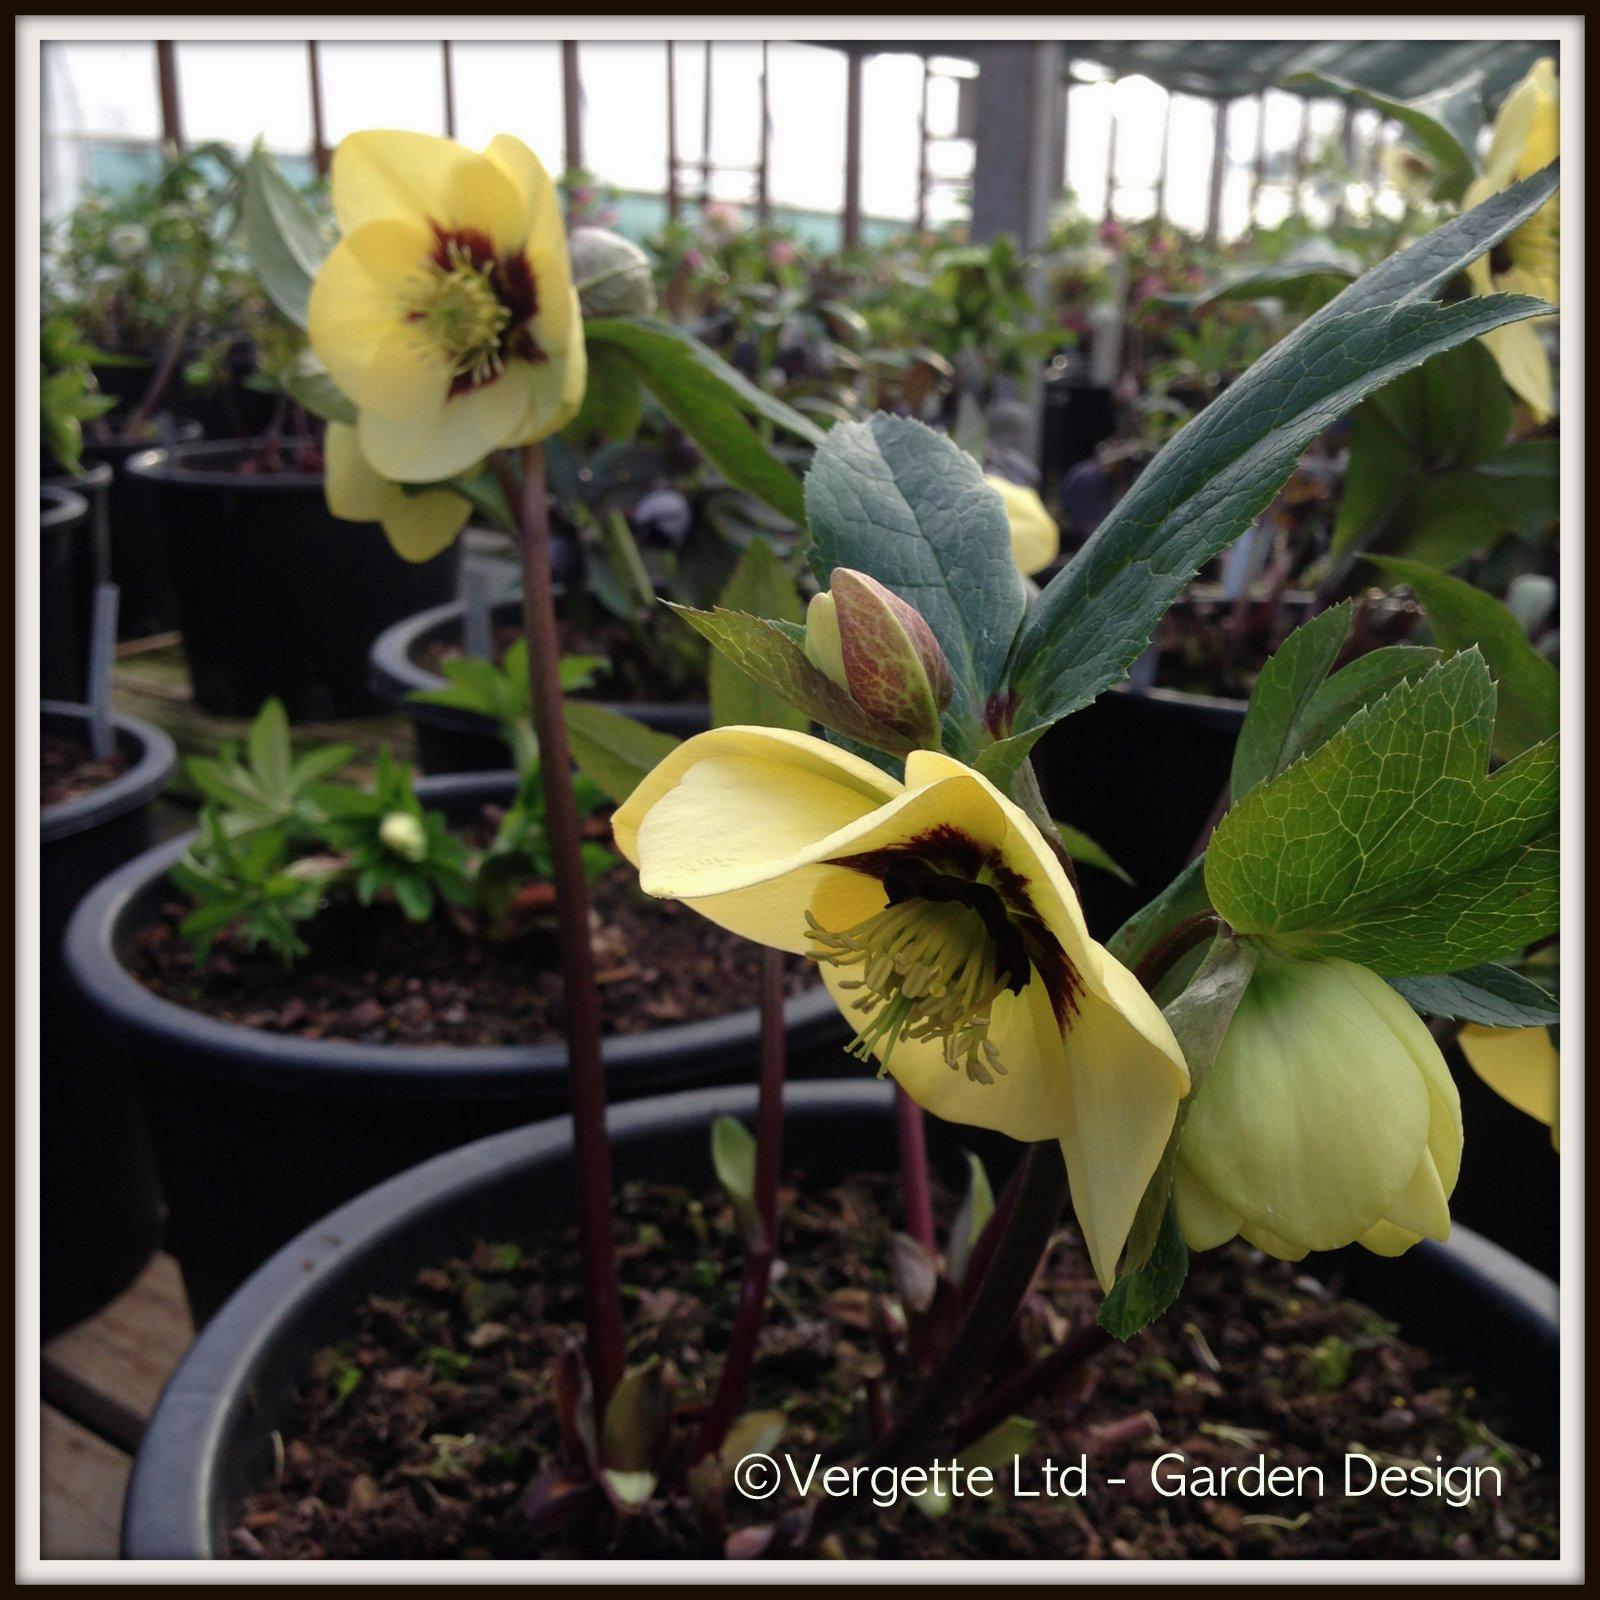 Jardinería del Noroeste: Hellebores Are Winter Jewels